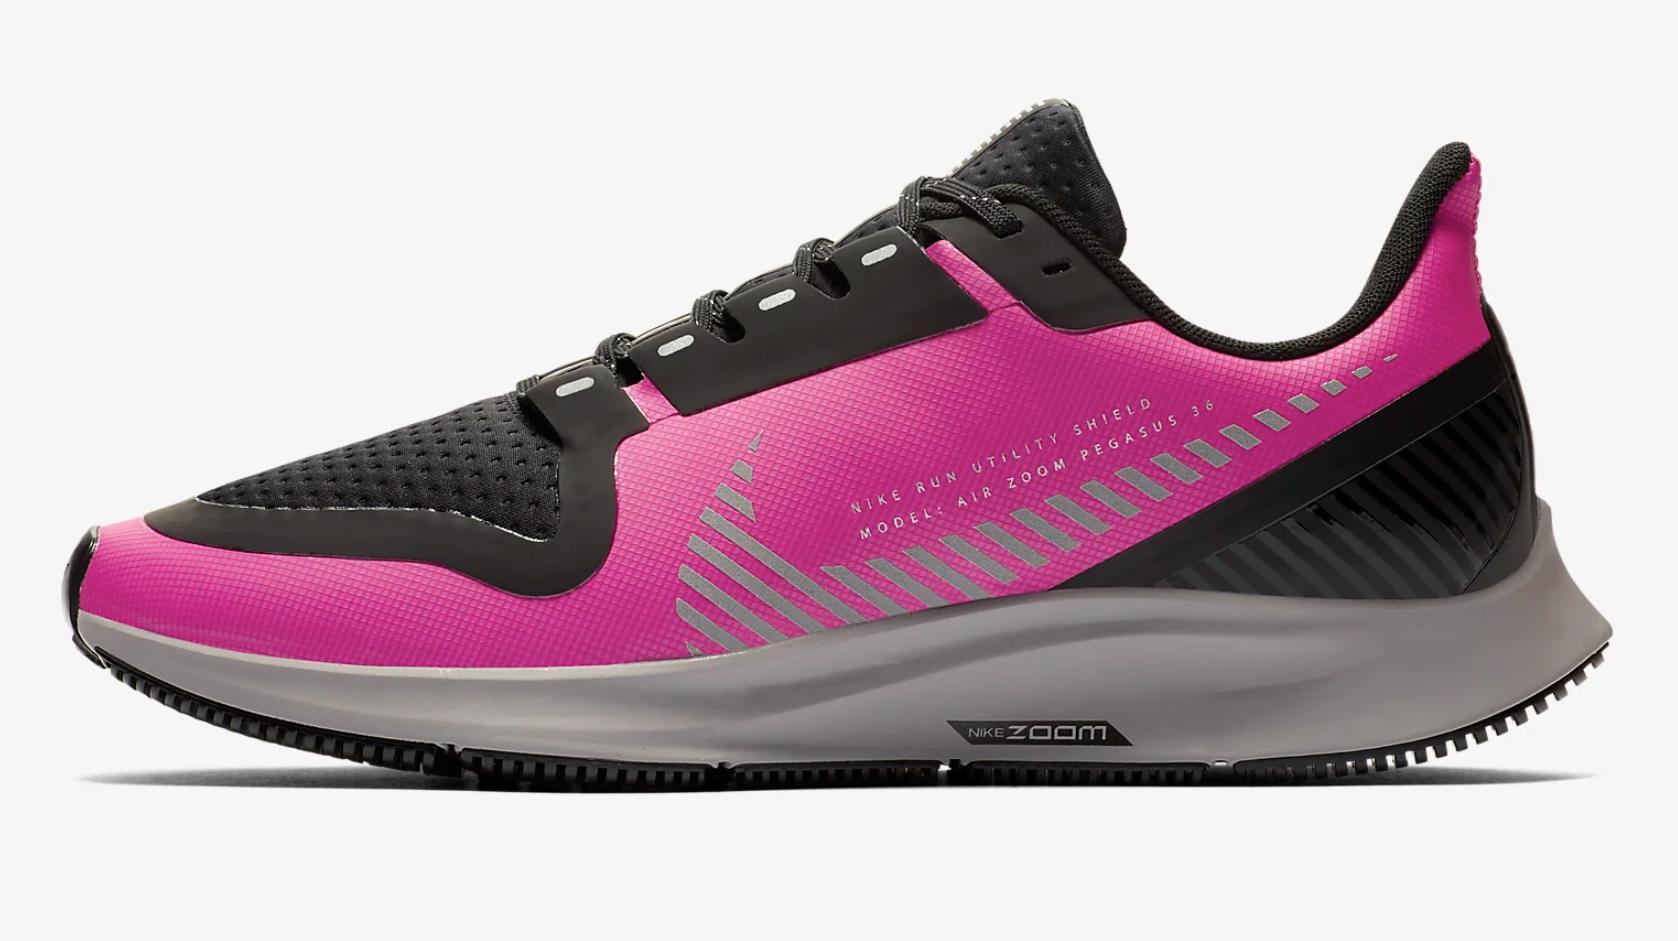 Nike Air Zoom Pegasus com Ofertas Incríveis no